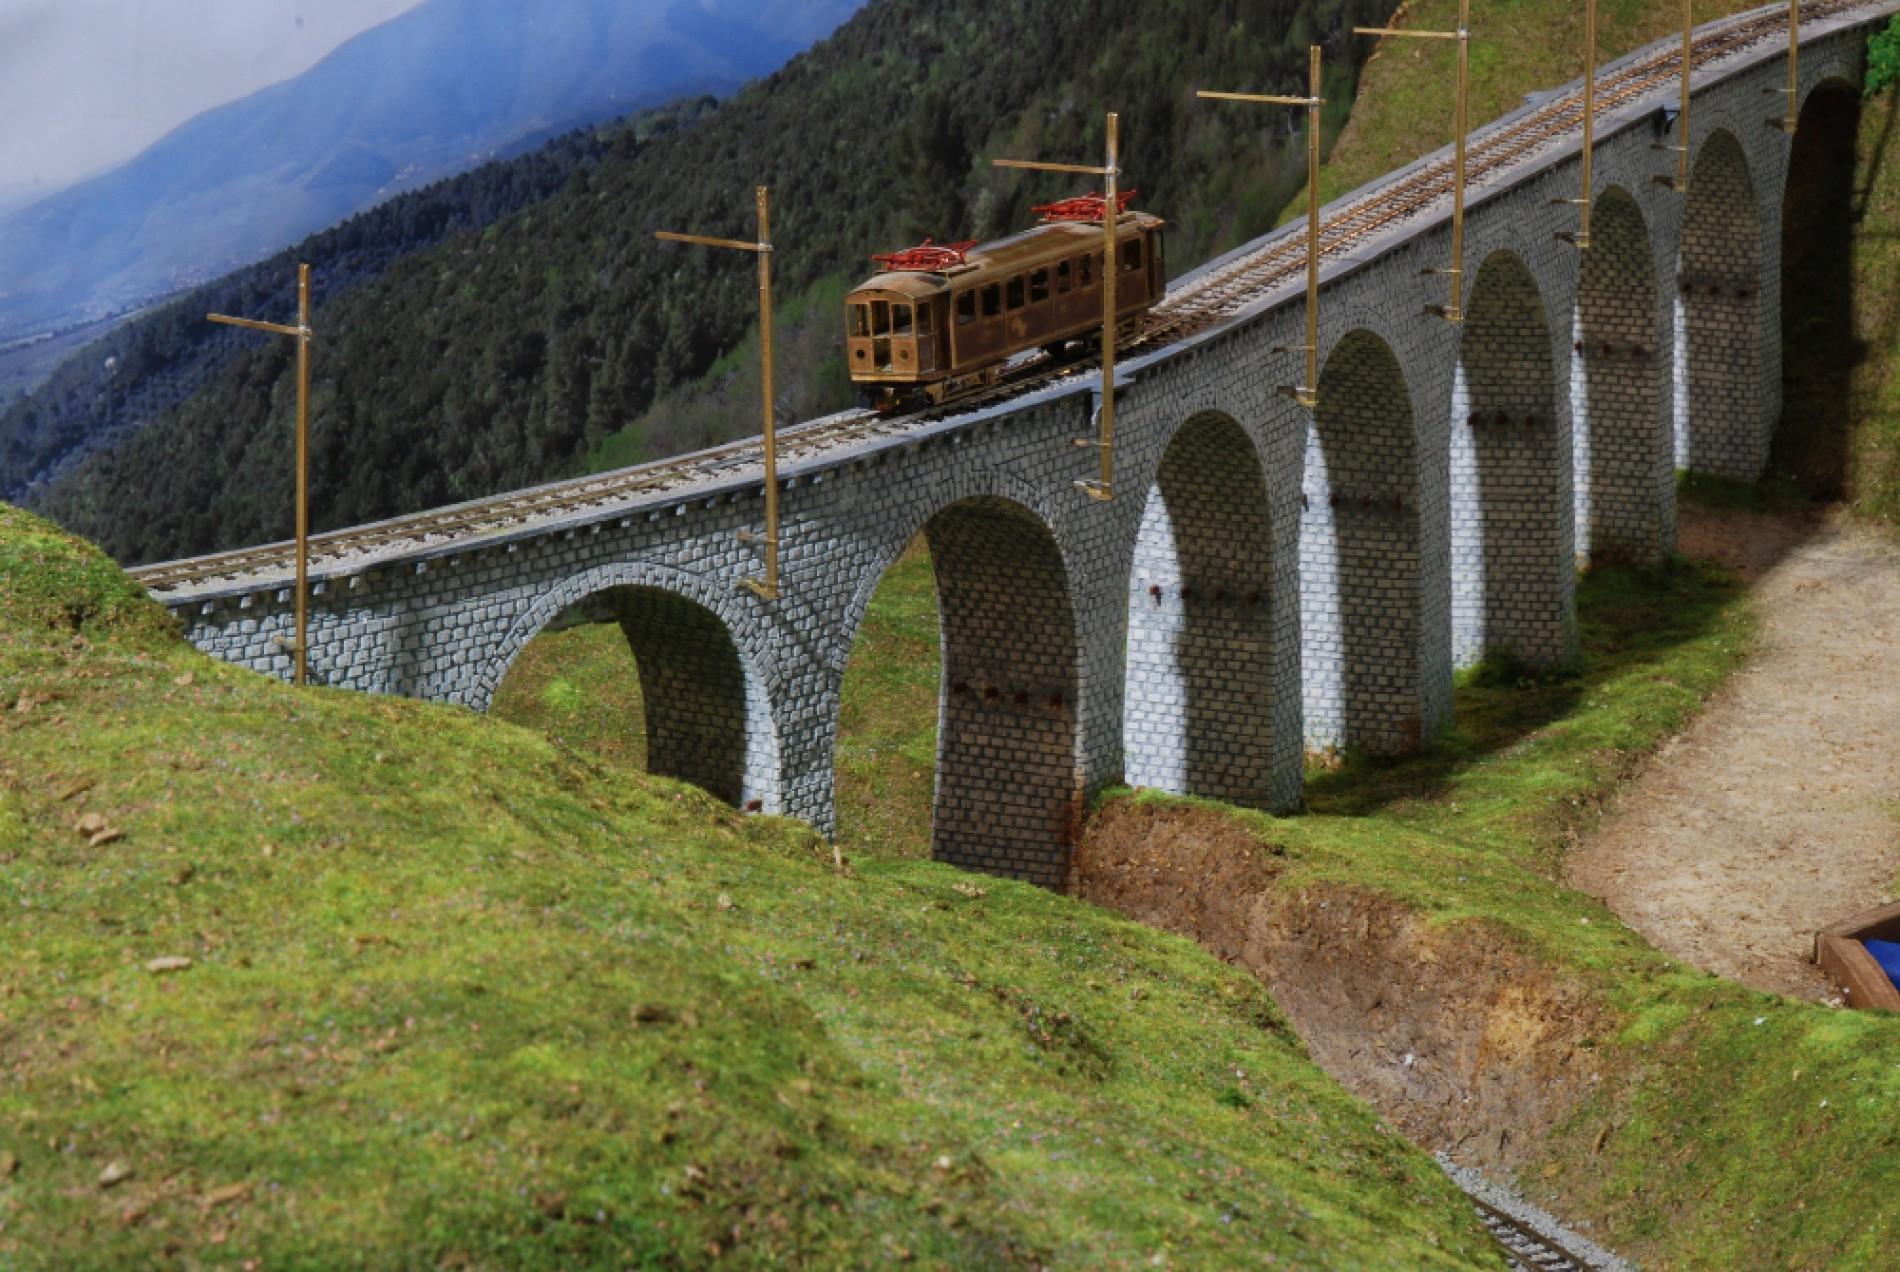 Spoleto-Norcia in treno? No, in bici...